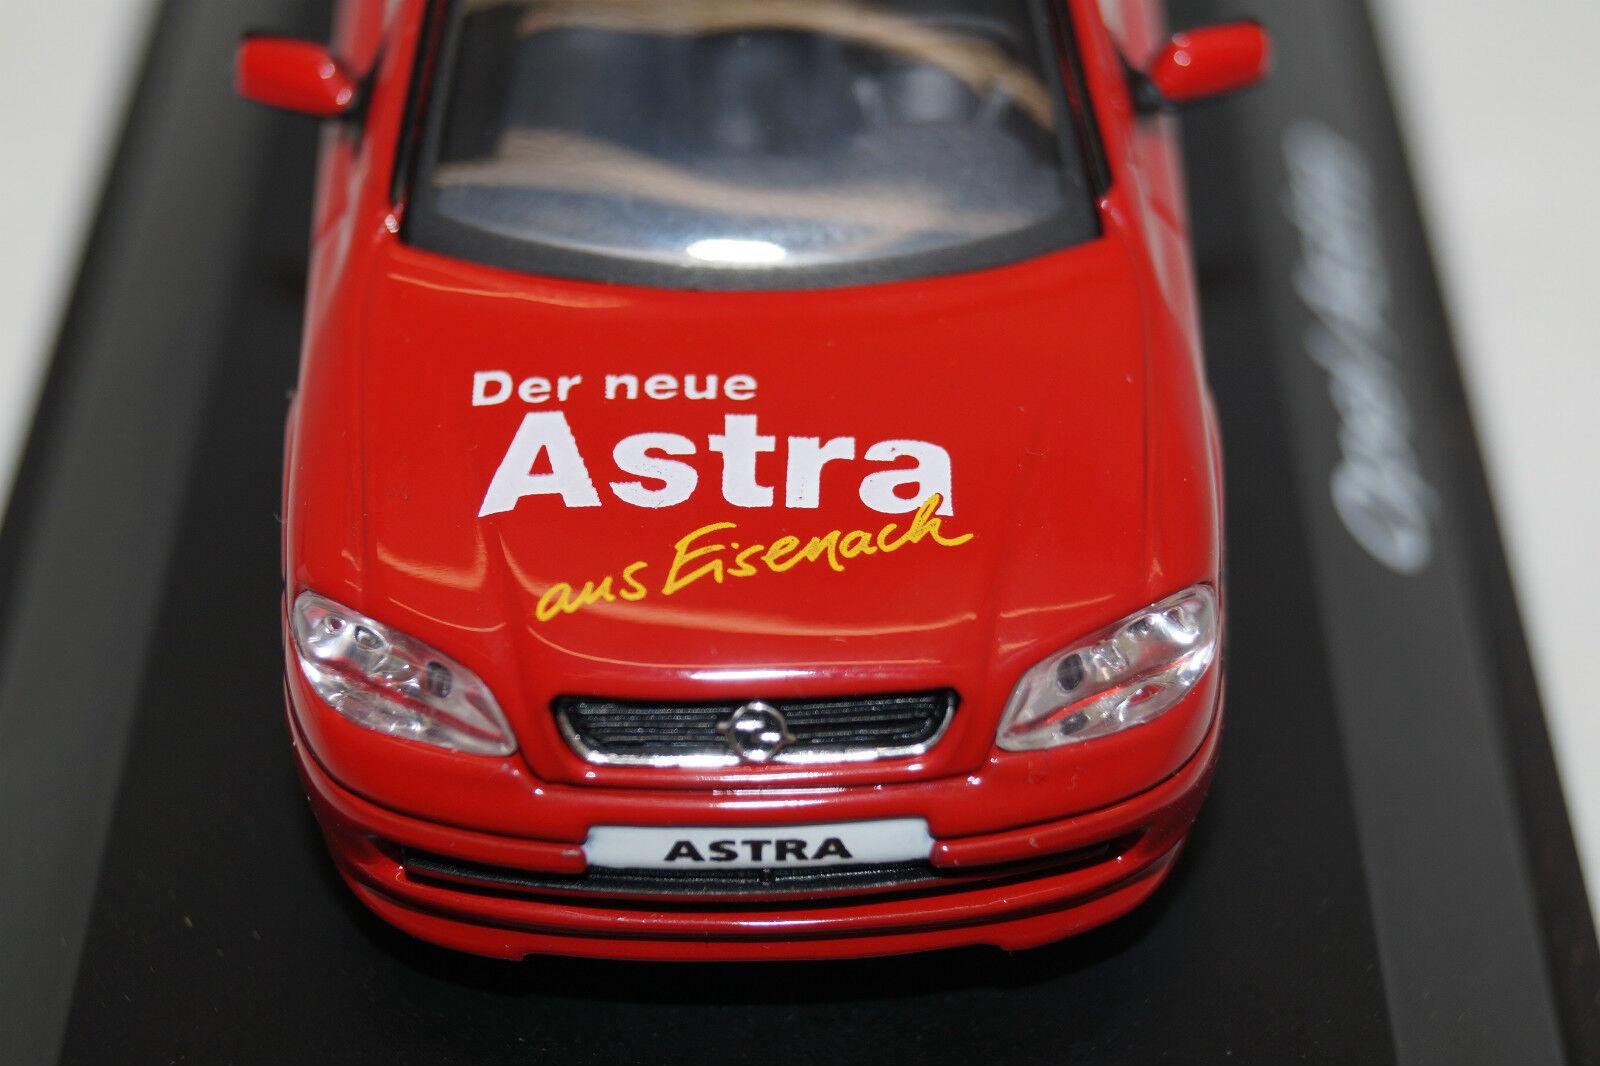 Schuco opel astra g sondermodell der neue astra aus eisenach 1   43.